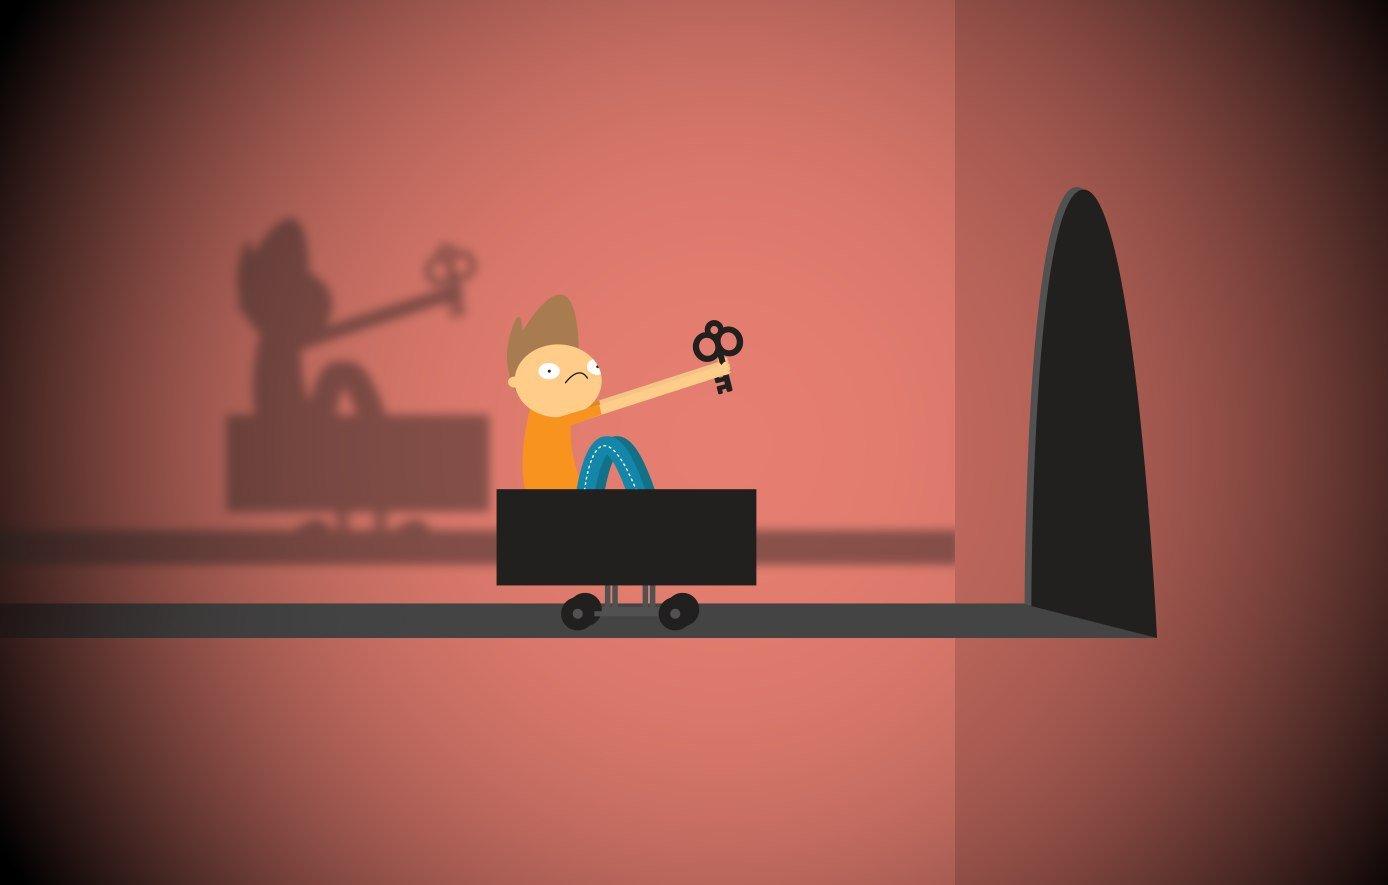 Как играть в квесты в реальности: советы